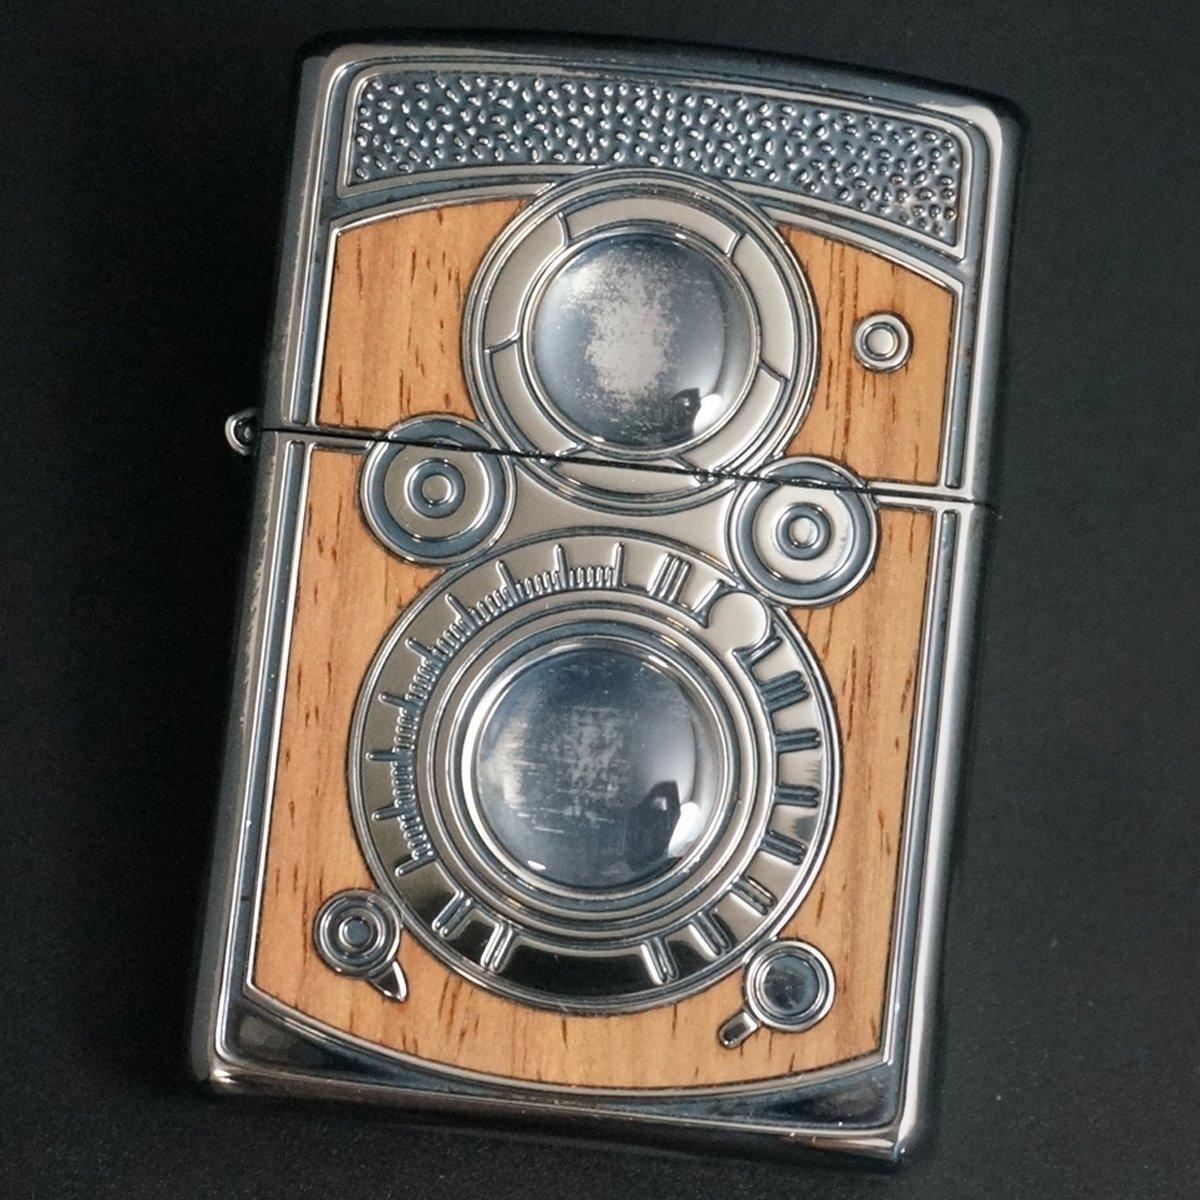 zippo(ジッポー) SV アンティークDLRカメラ SV B017Q1G24I B017Q1G24I, ポールワークス:1b5db904 --- jpworks.be